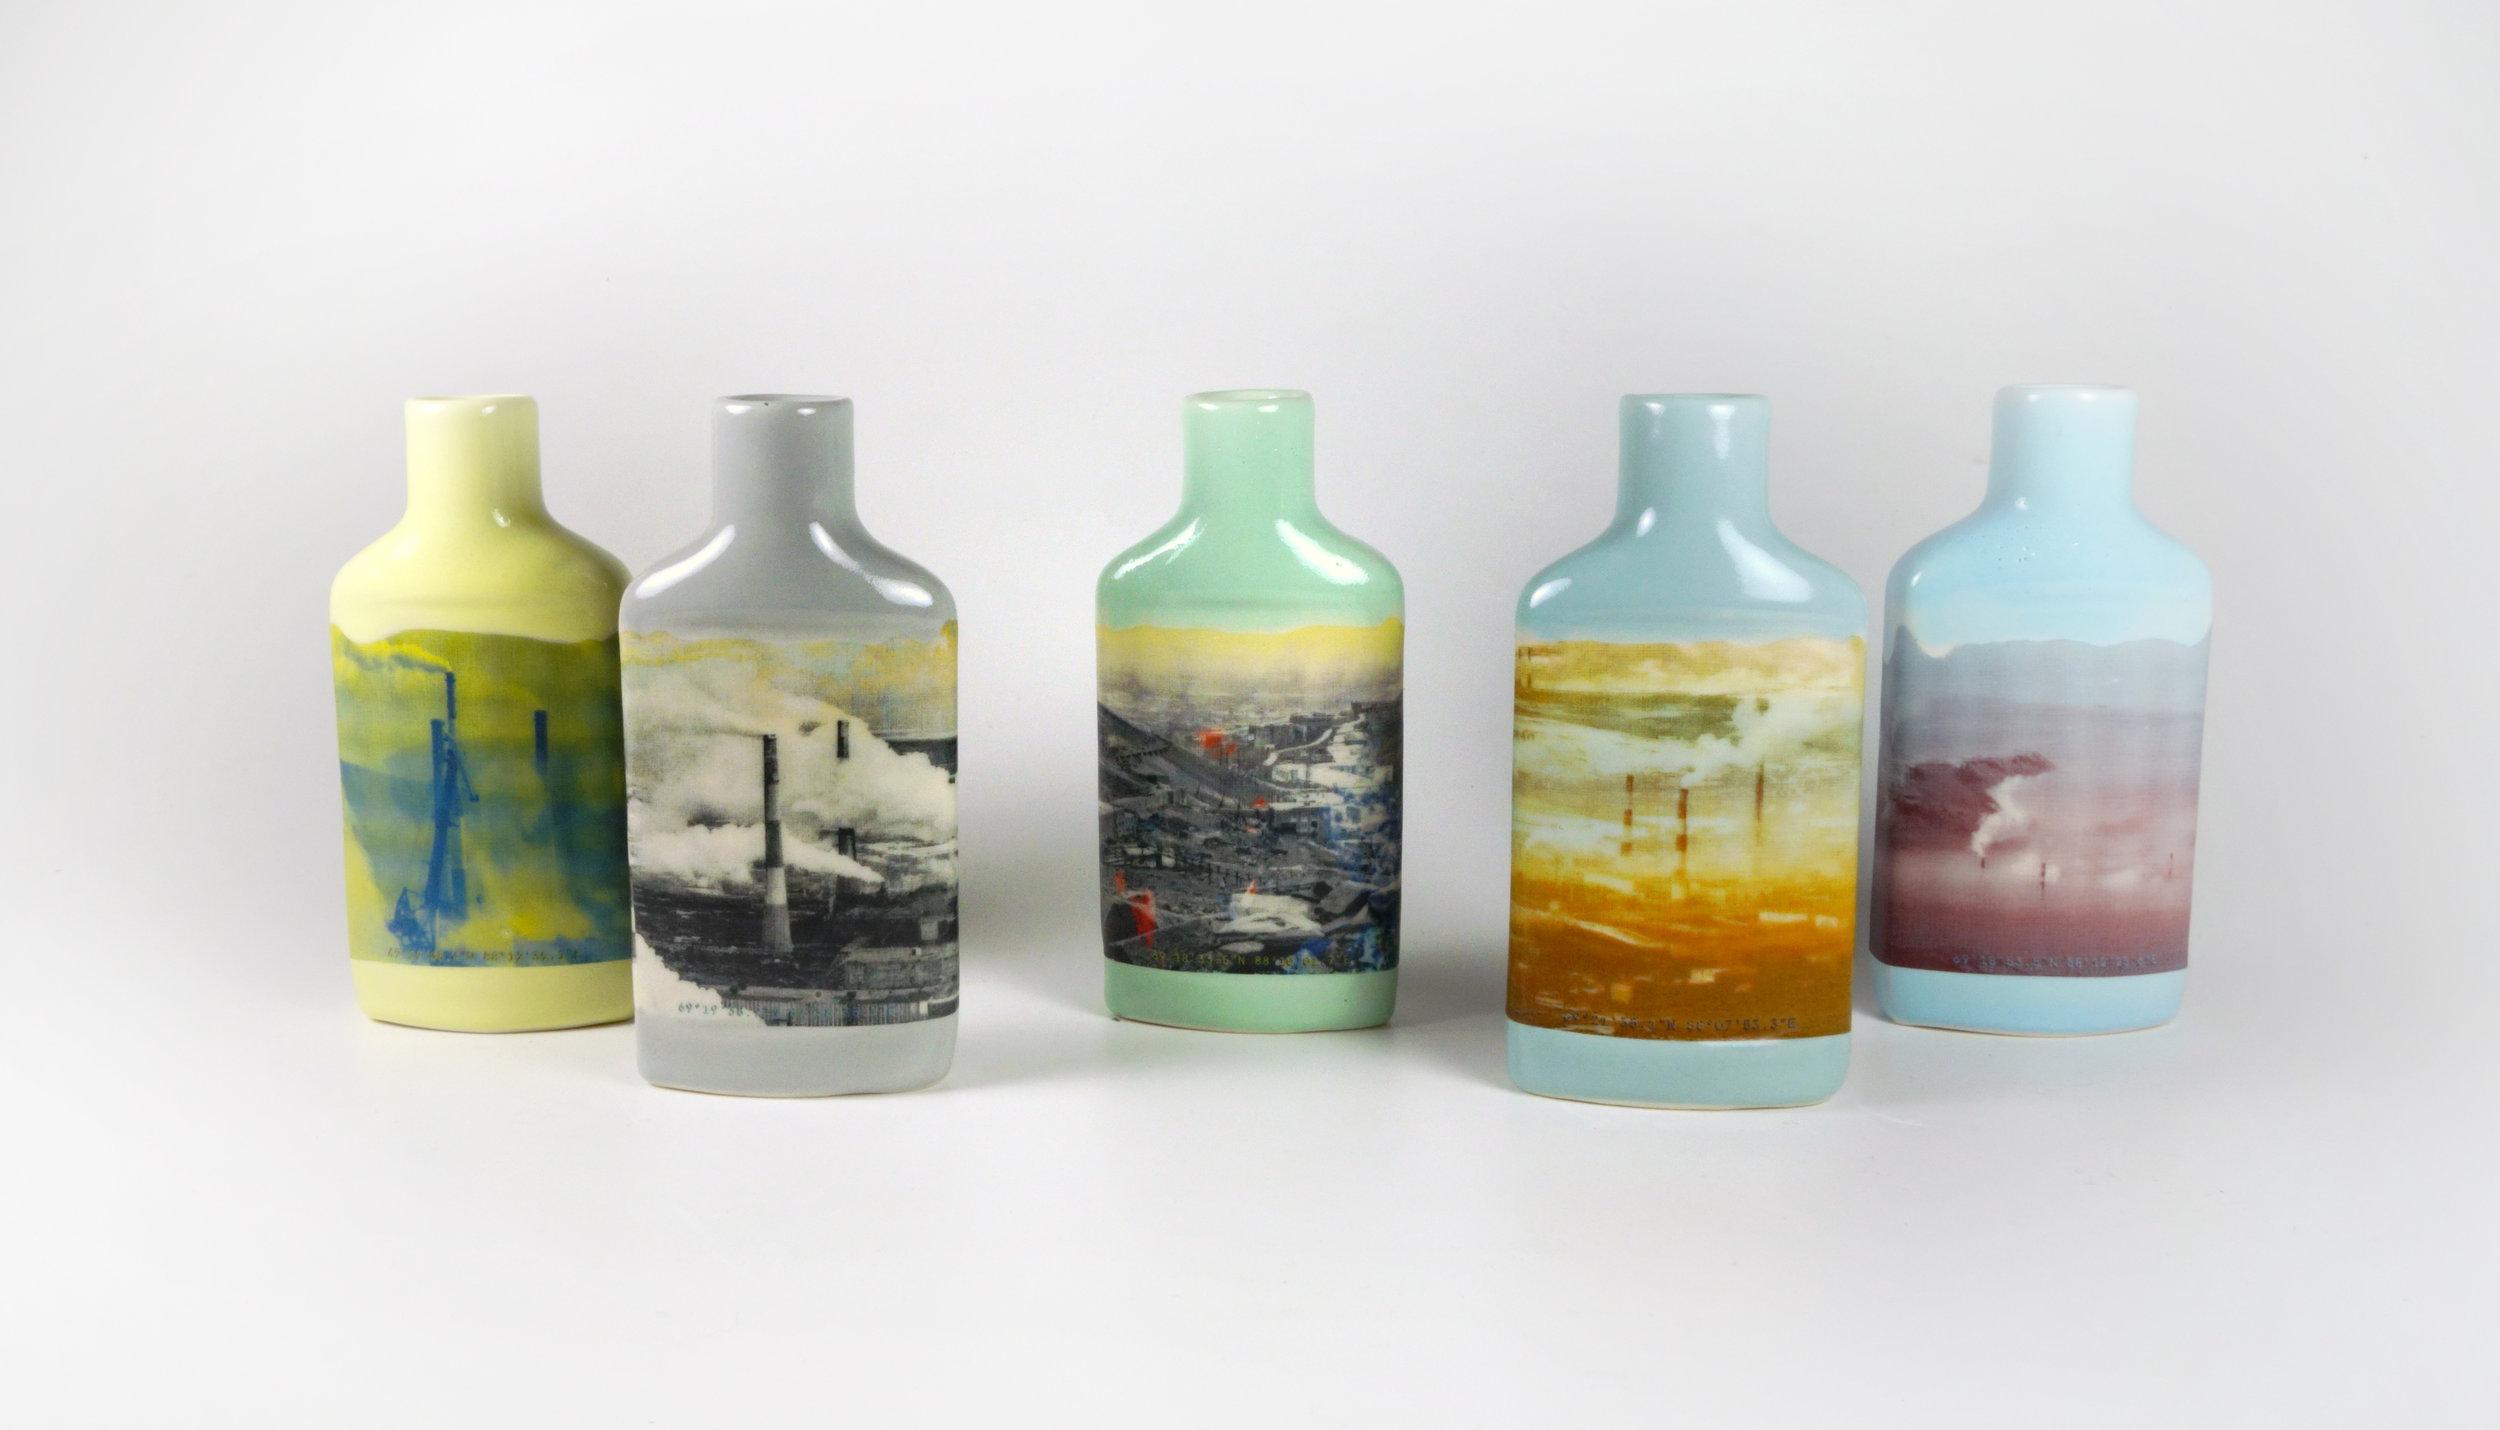 A-pocket-lyptic Flasks